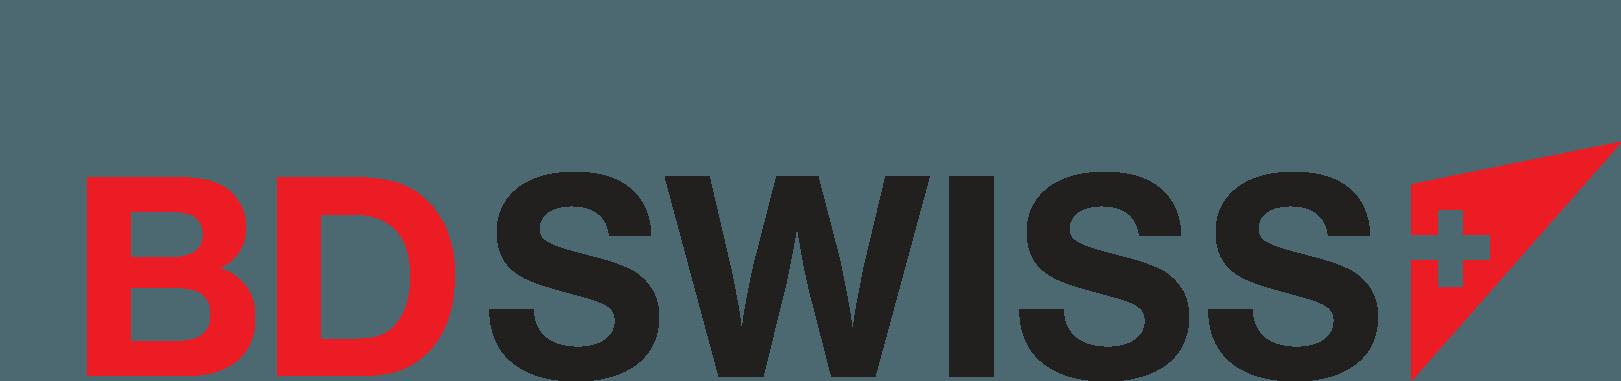 BDSwiss Review: comisiones, apalancamiento y retirar dinero